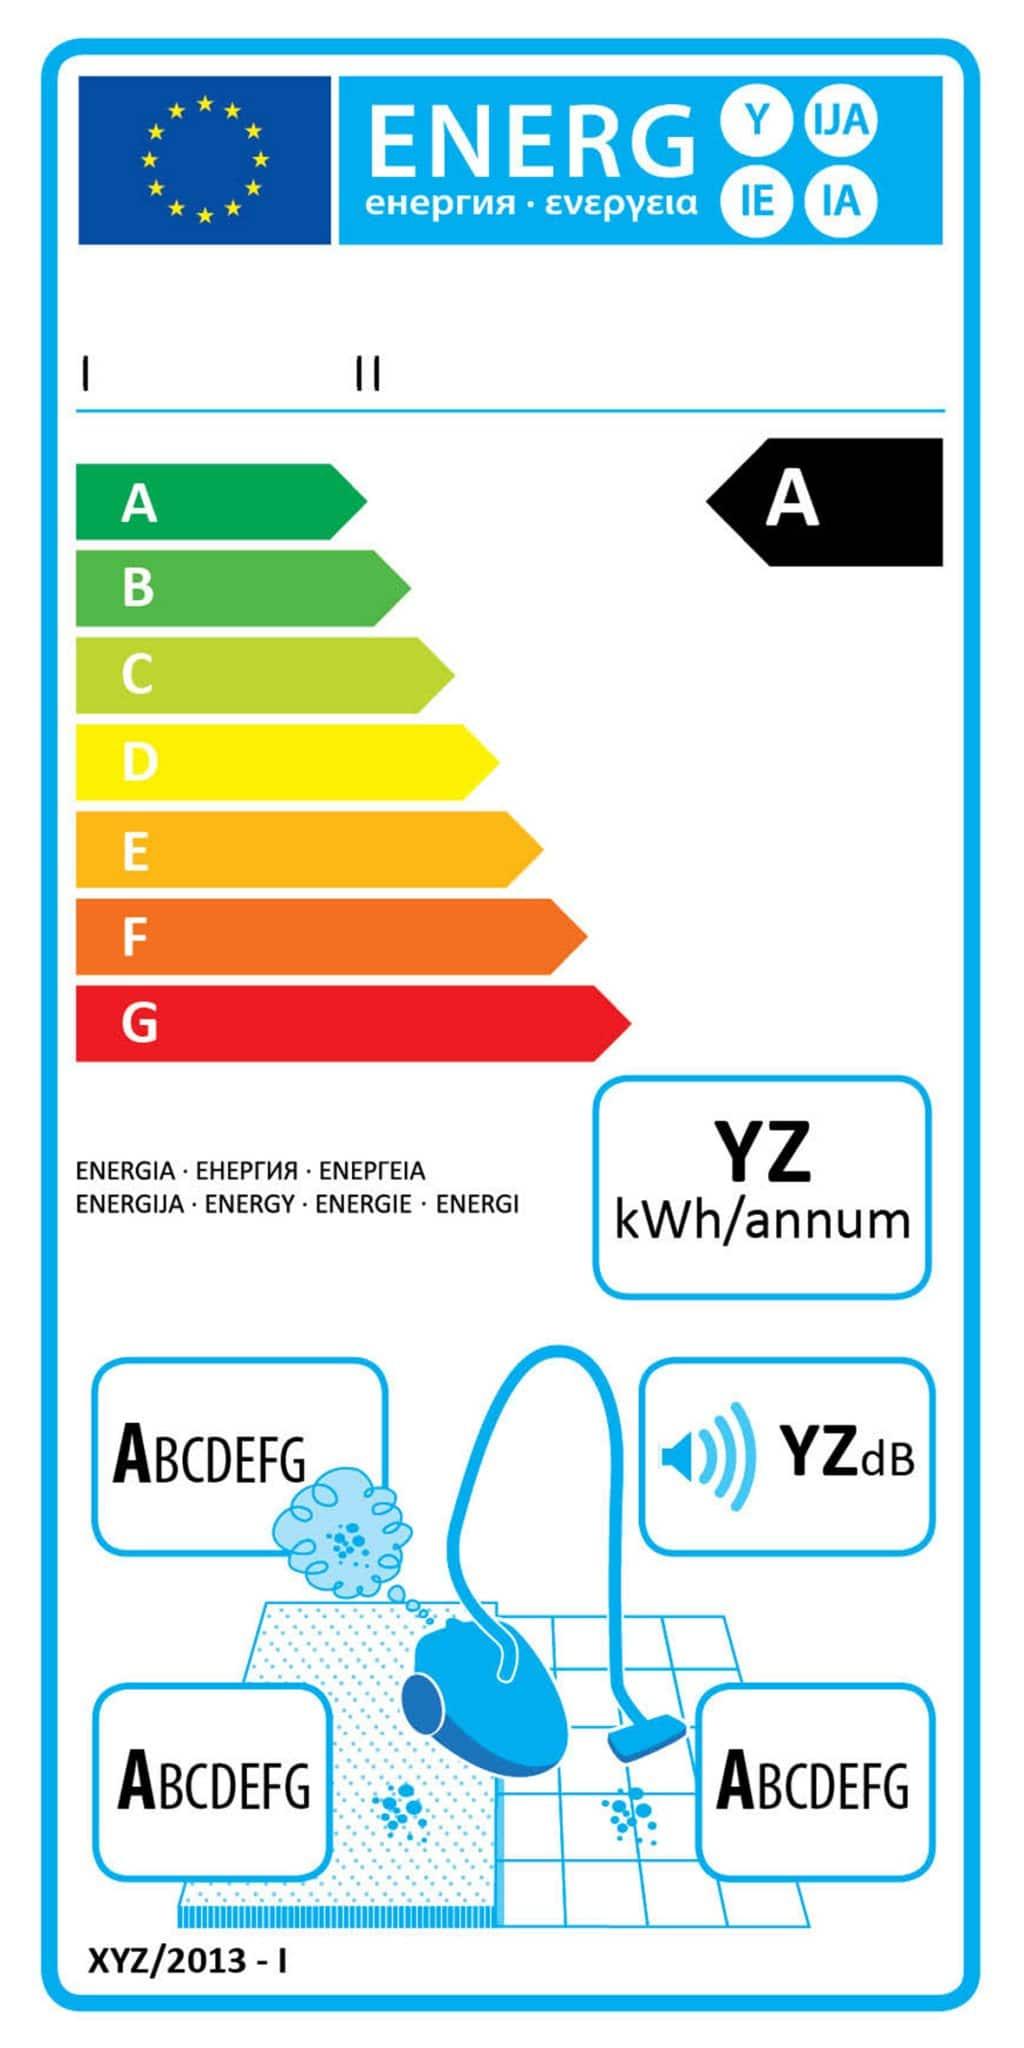 Etykieta energetyczna dla odkurzaczy uniwersalnych - wlaczoszczedzanie.pl